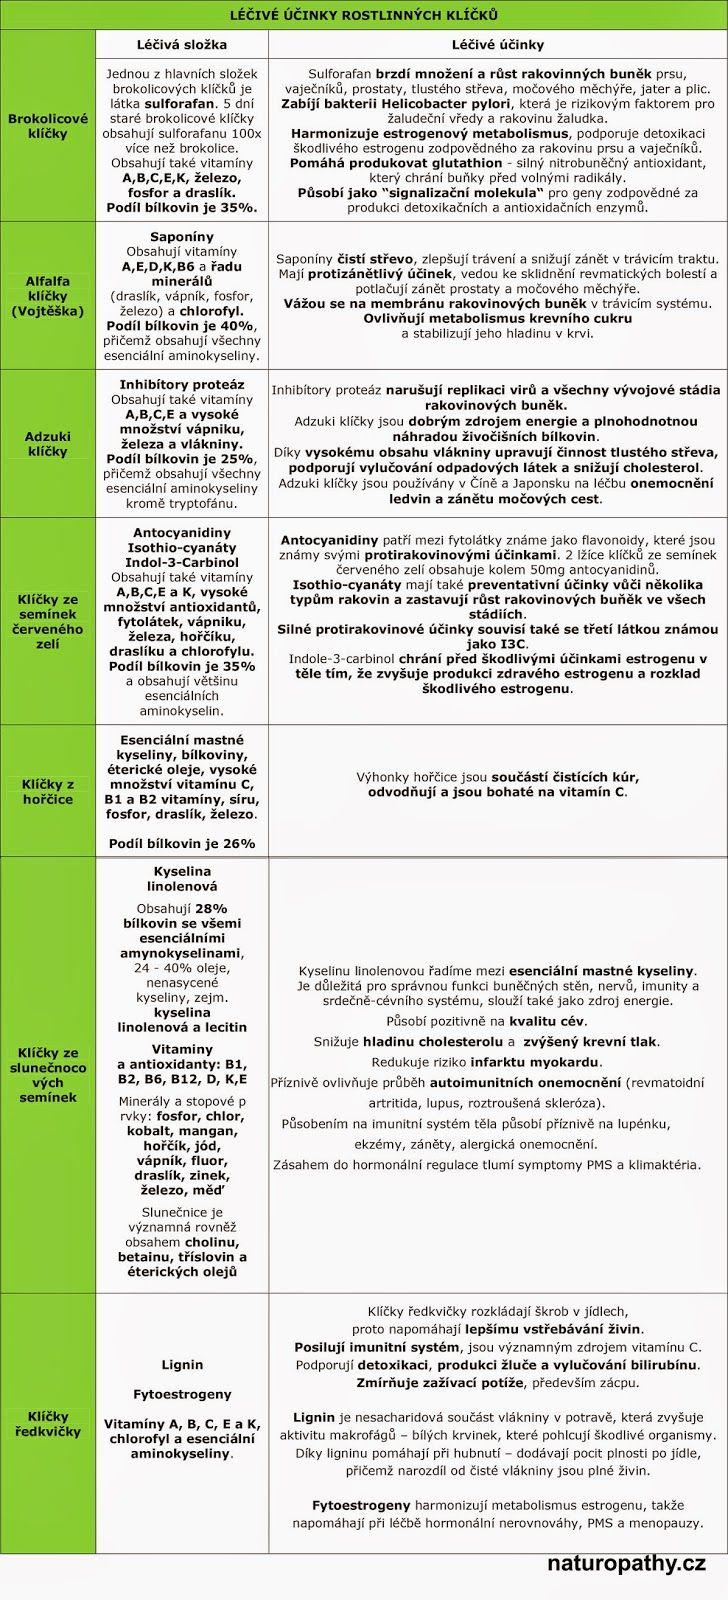 Léčivé účinky rostlinných klíčků